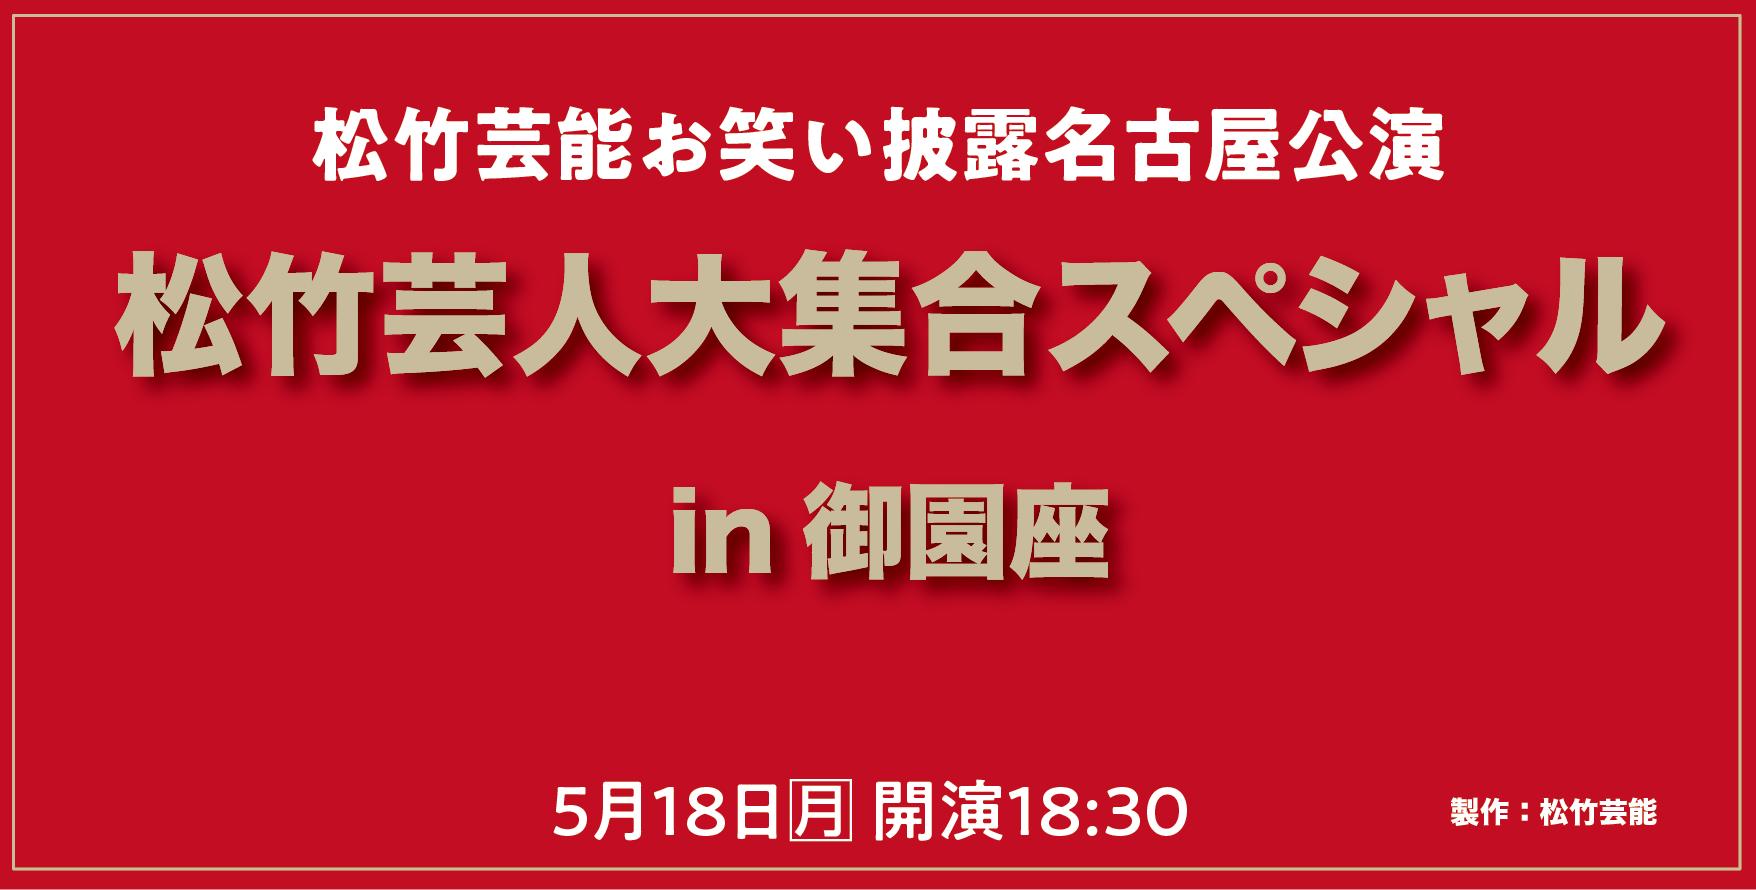 松竹芸人大集合スペシャル